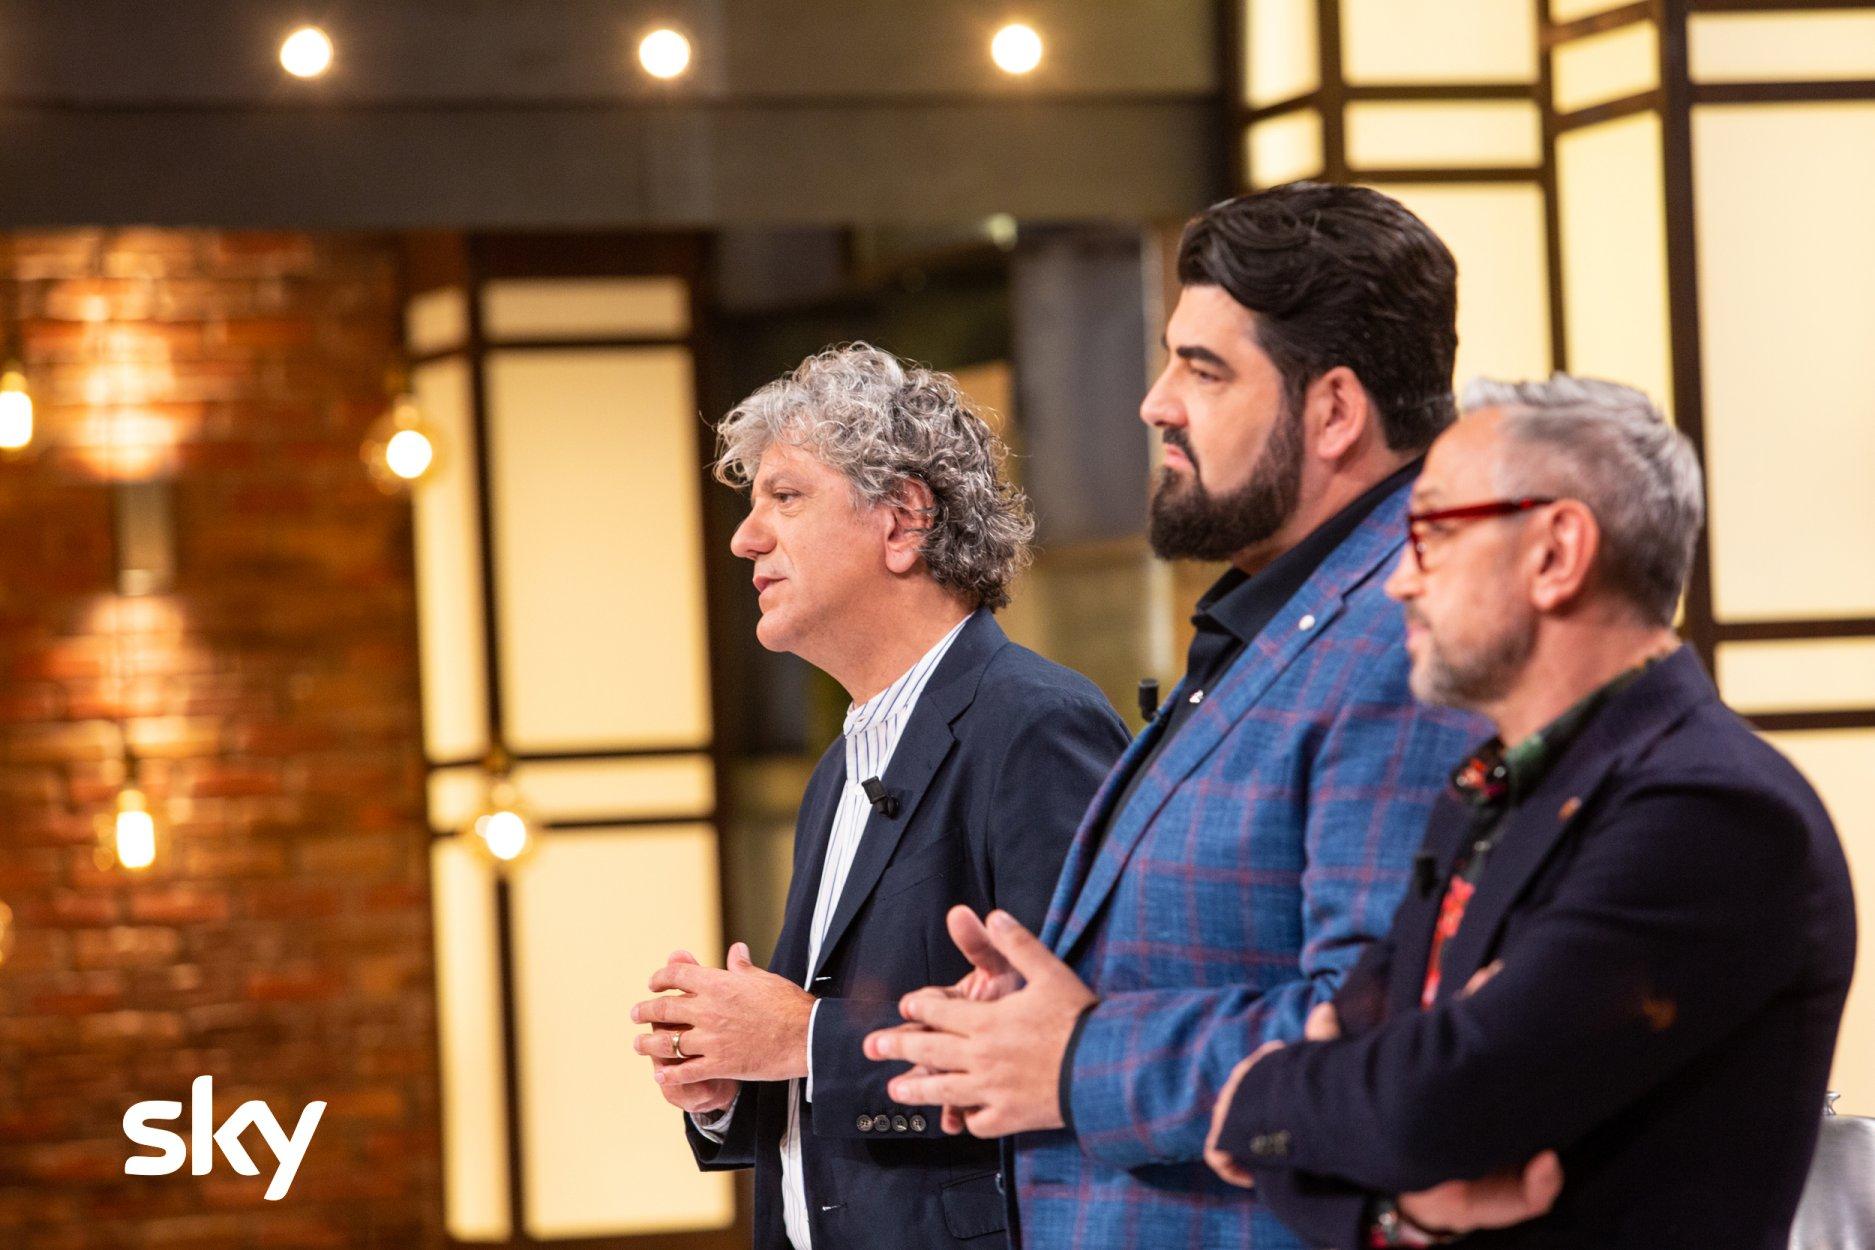 Semifinale di Masterchef su Sky Uno e NOW TV. Prova in ester